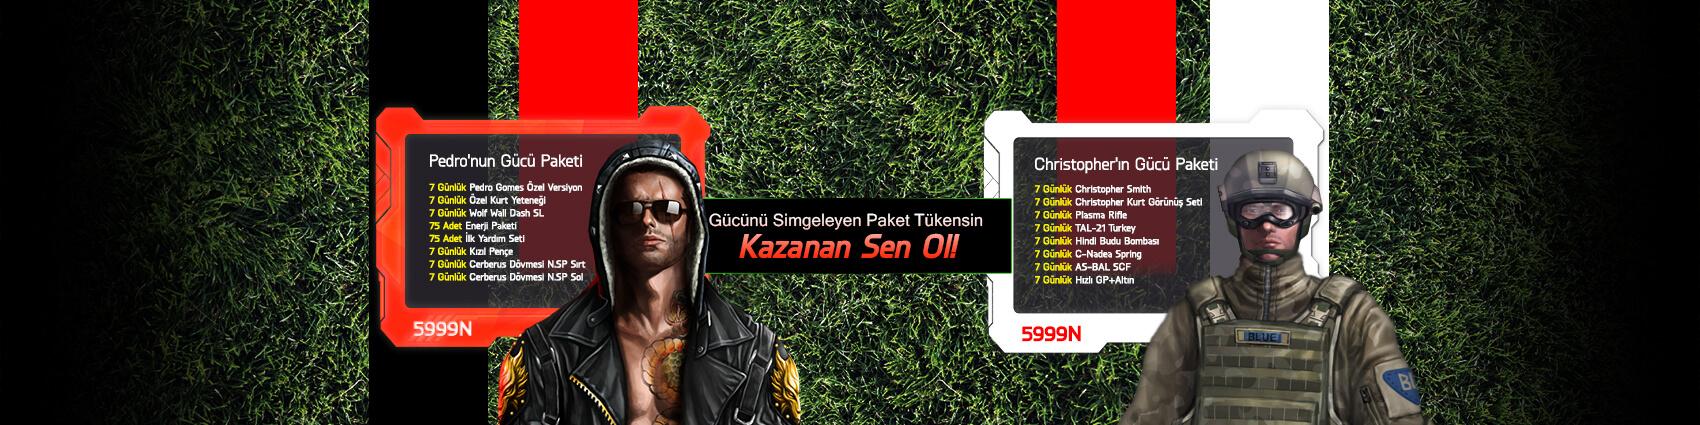 Eskişehir - Sivasspor K-Paketleri Fırsatı